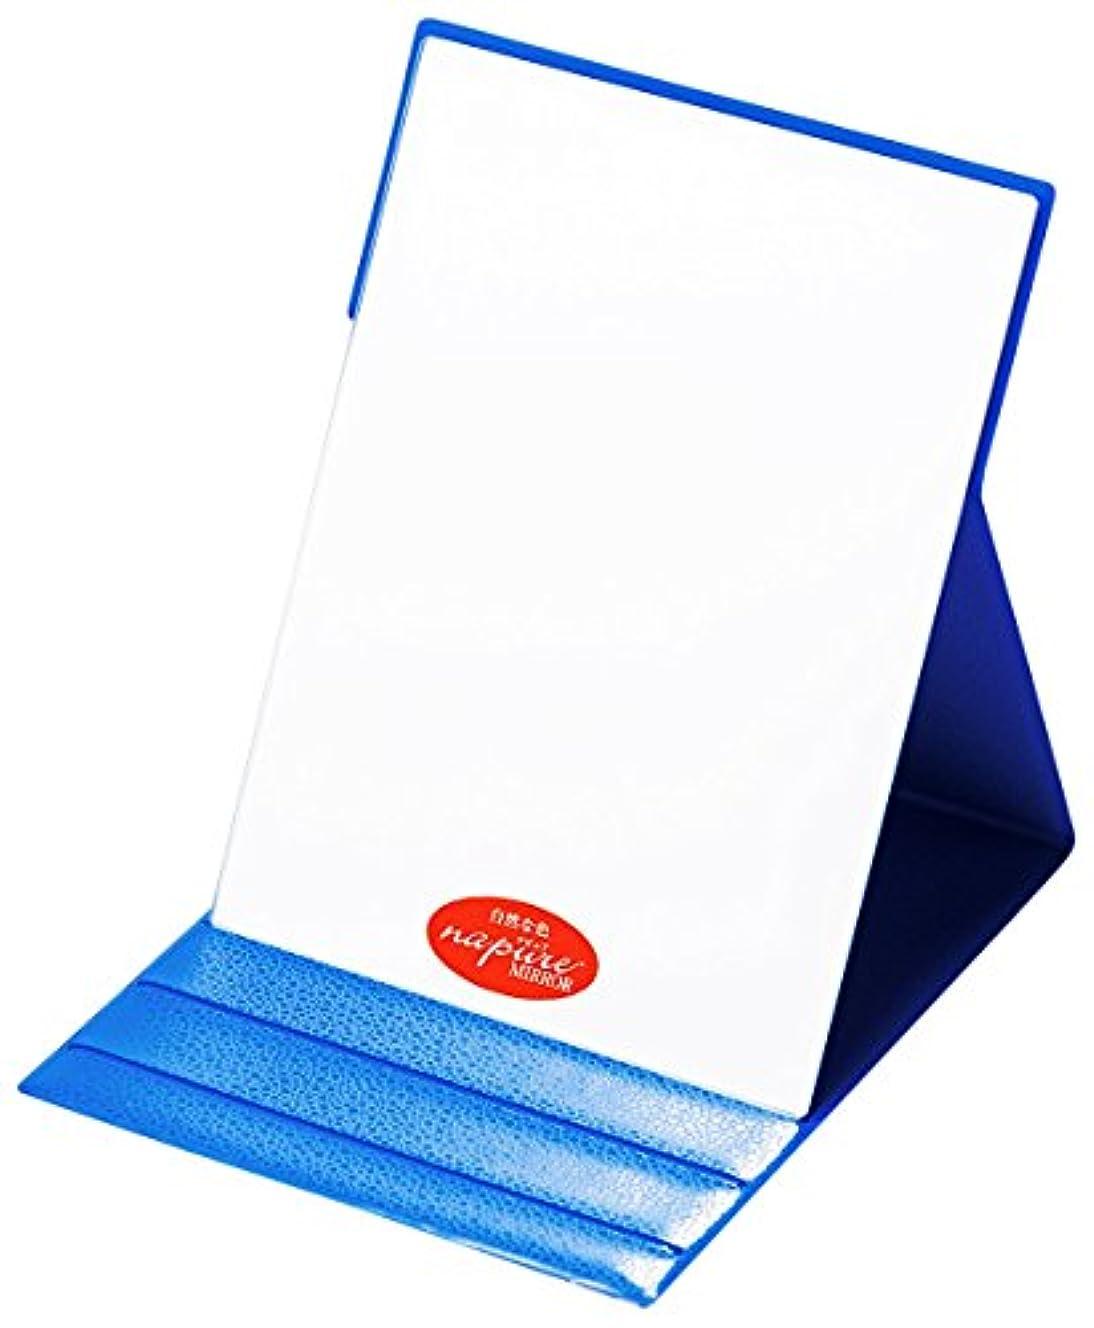 人差し指ナイトスポット豚肉堀内鏡工業 キットソン×ナピュア折立ミラー M ブルー